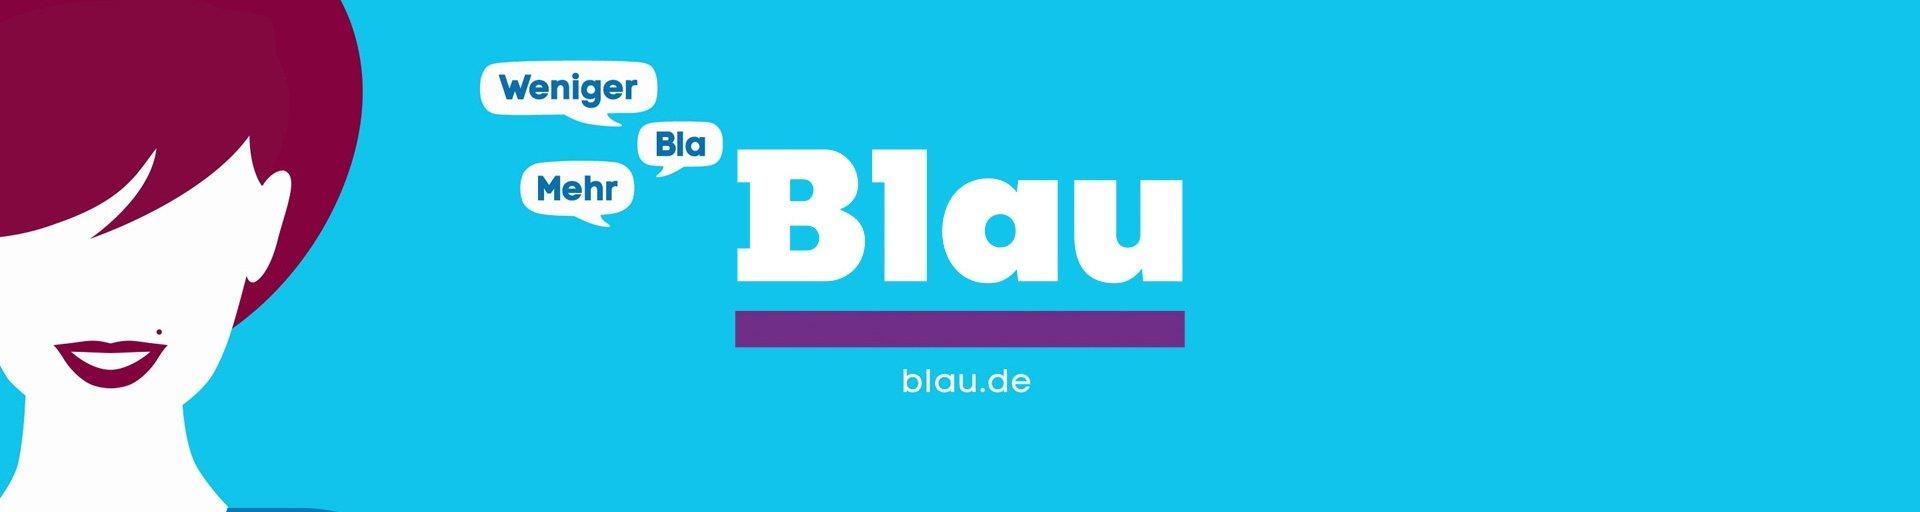 Blau.de aufladen